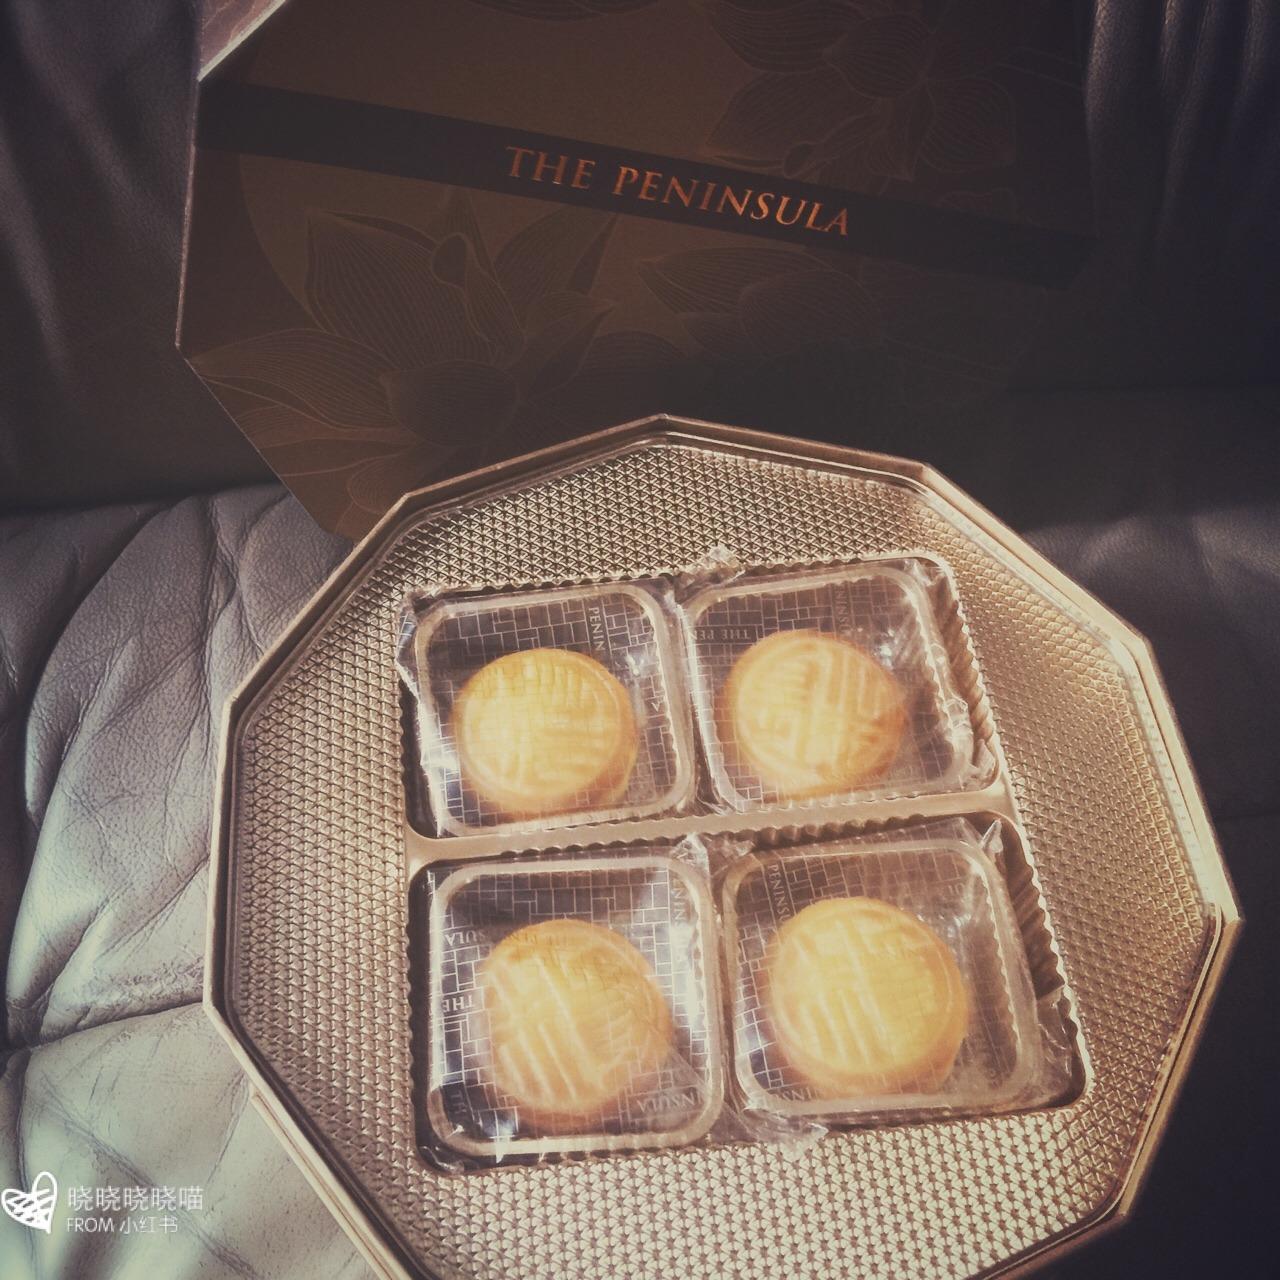 半岛酒店迷你奶黄月饼_怎么样_半岛酒店 迷你奶黄月饼__香港购物攻略